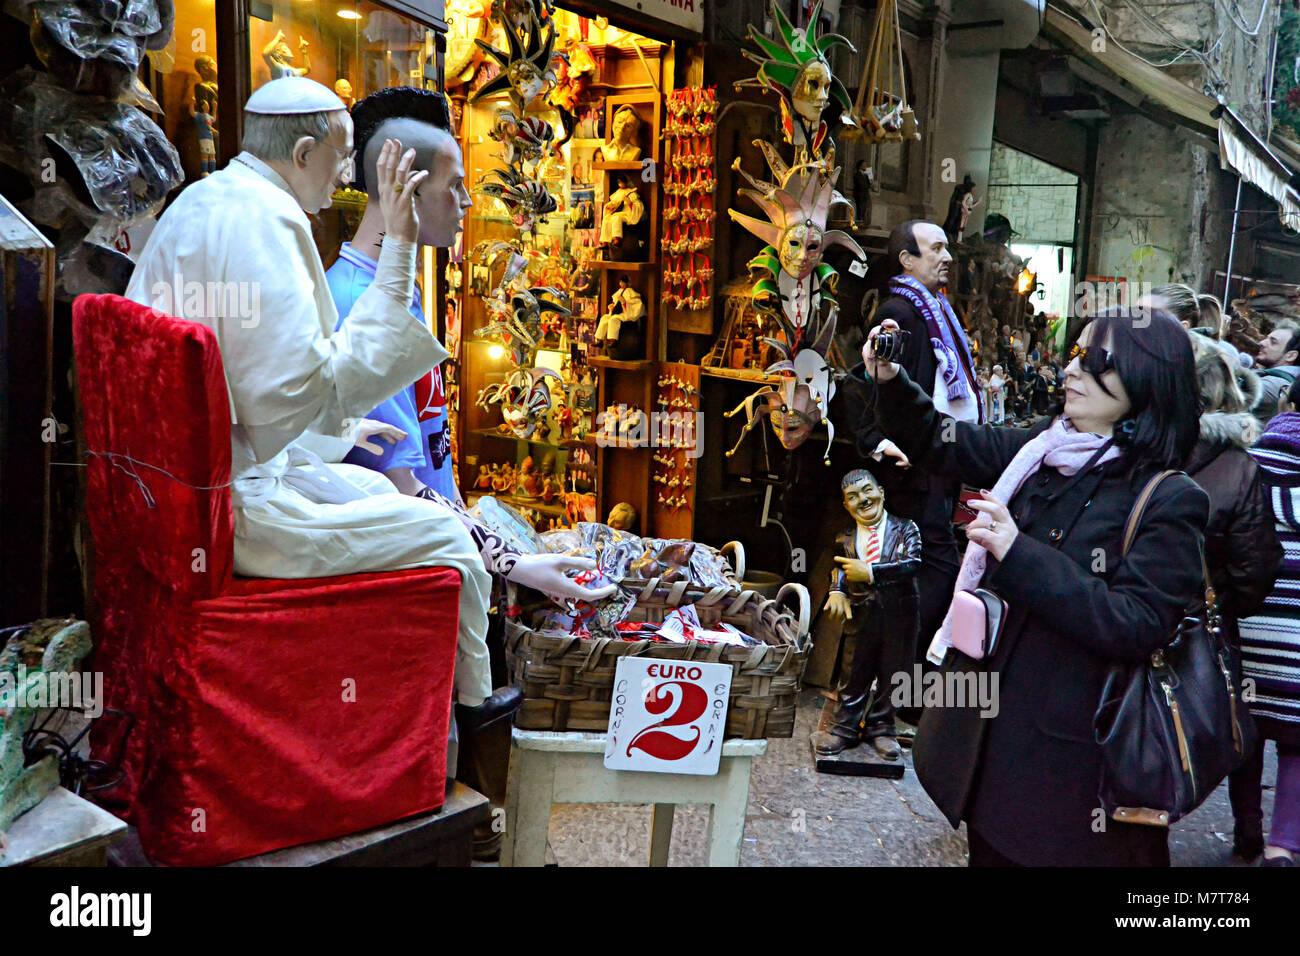 Via San Gregorio Armeno Imágenes De Stock   Via San Gregorio Armeno ... 94cdf105b0b3d